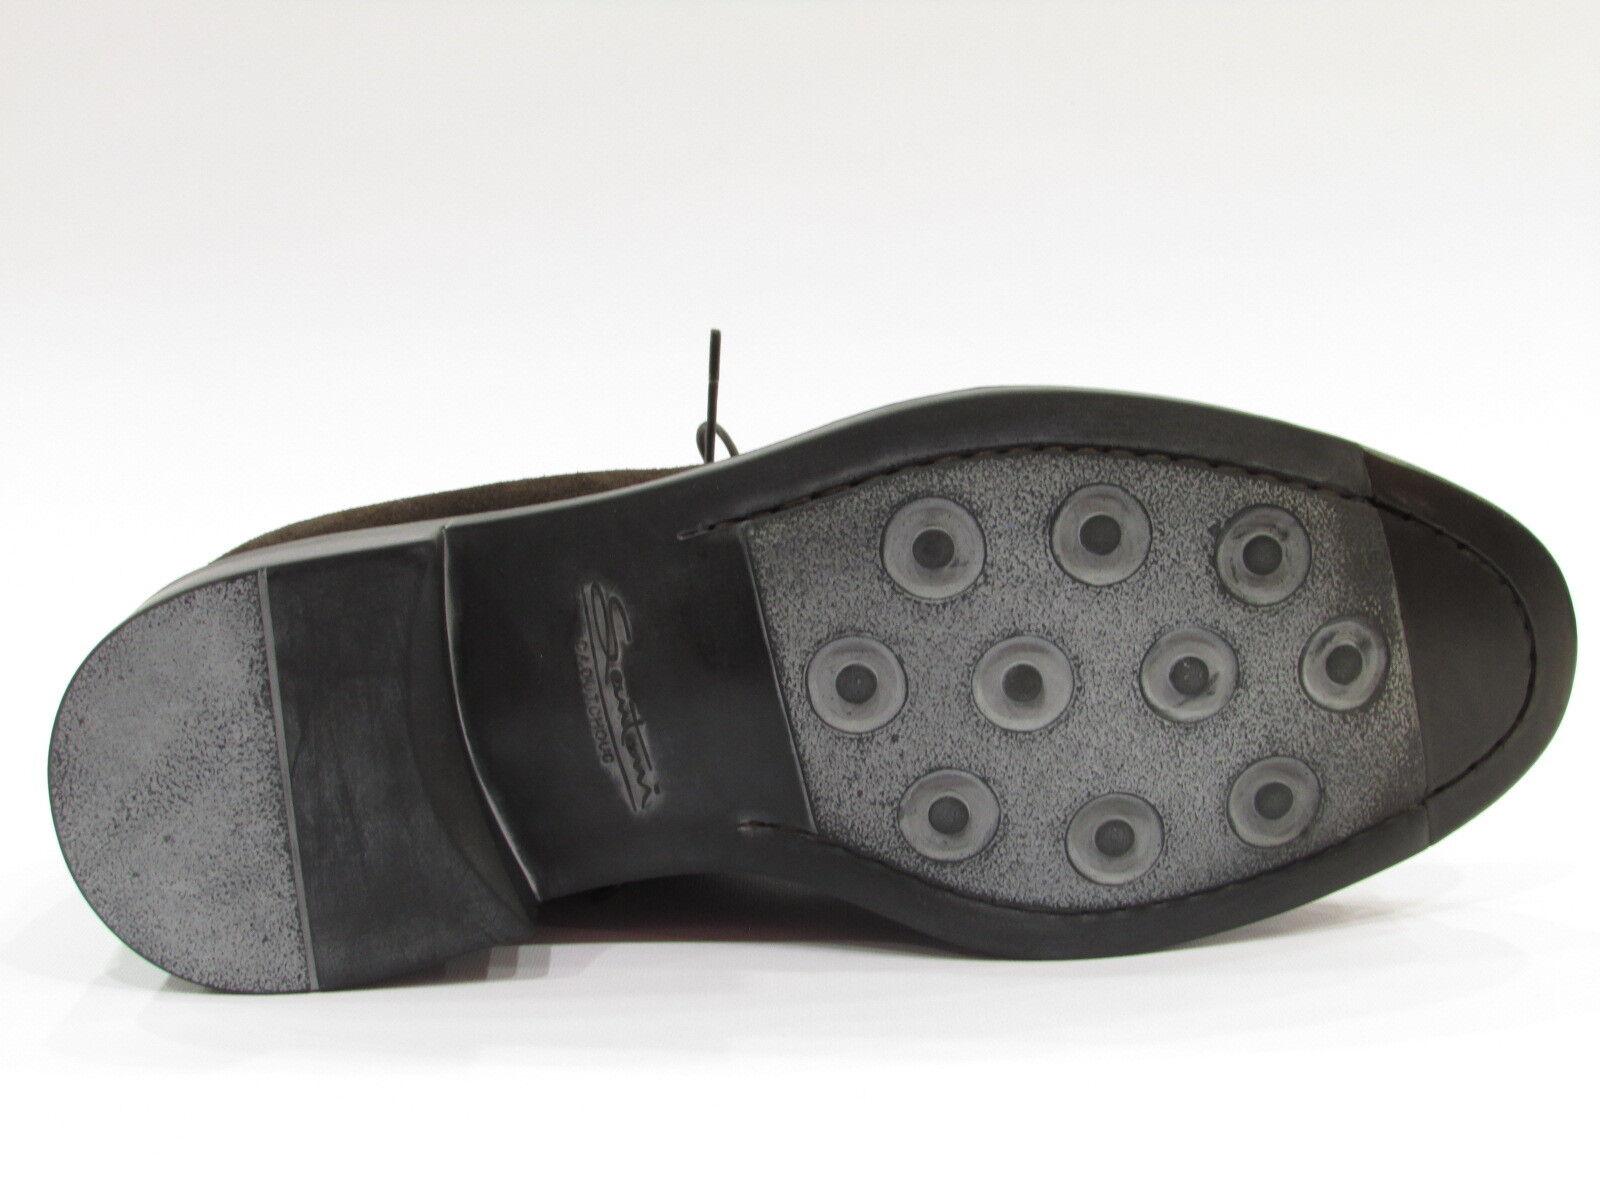 SANTONI SCARPE UOMO CLASSICHE INGLESE CAMOSCIO MARRONE SCONTATO DEL 25% Scarpe classiche da uomo